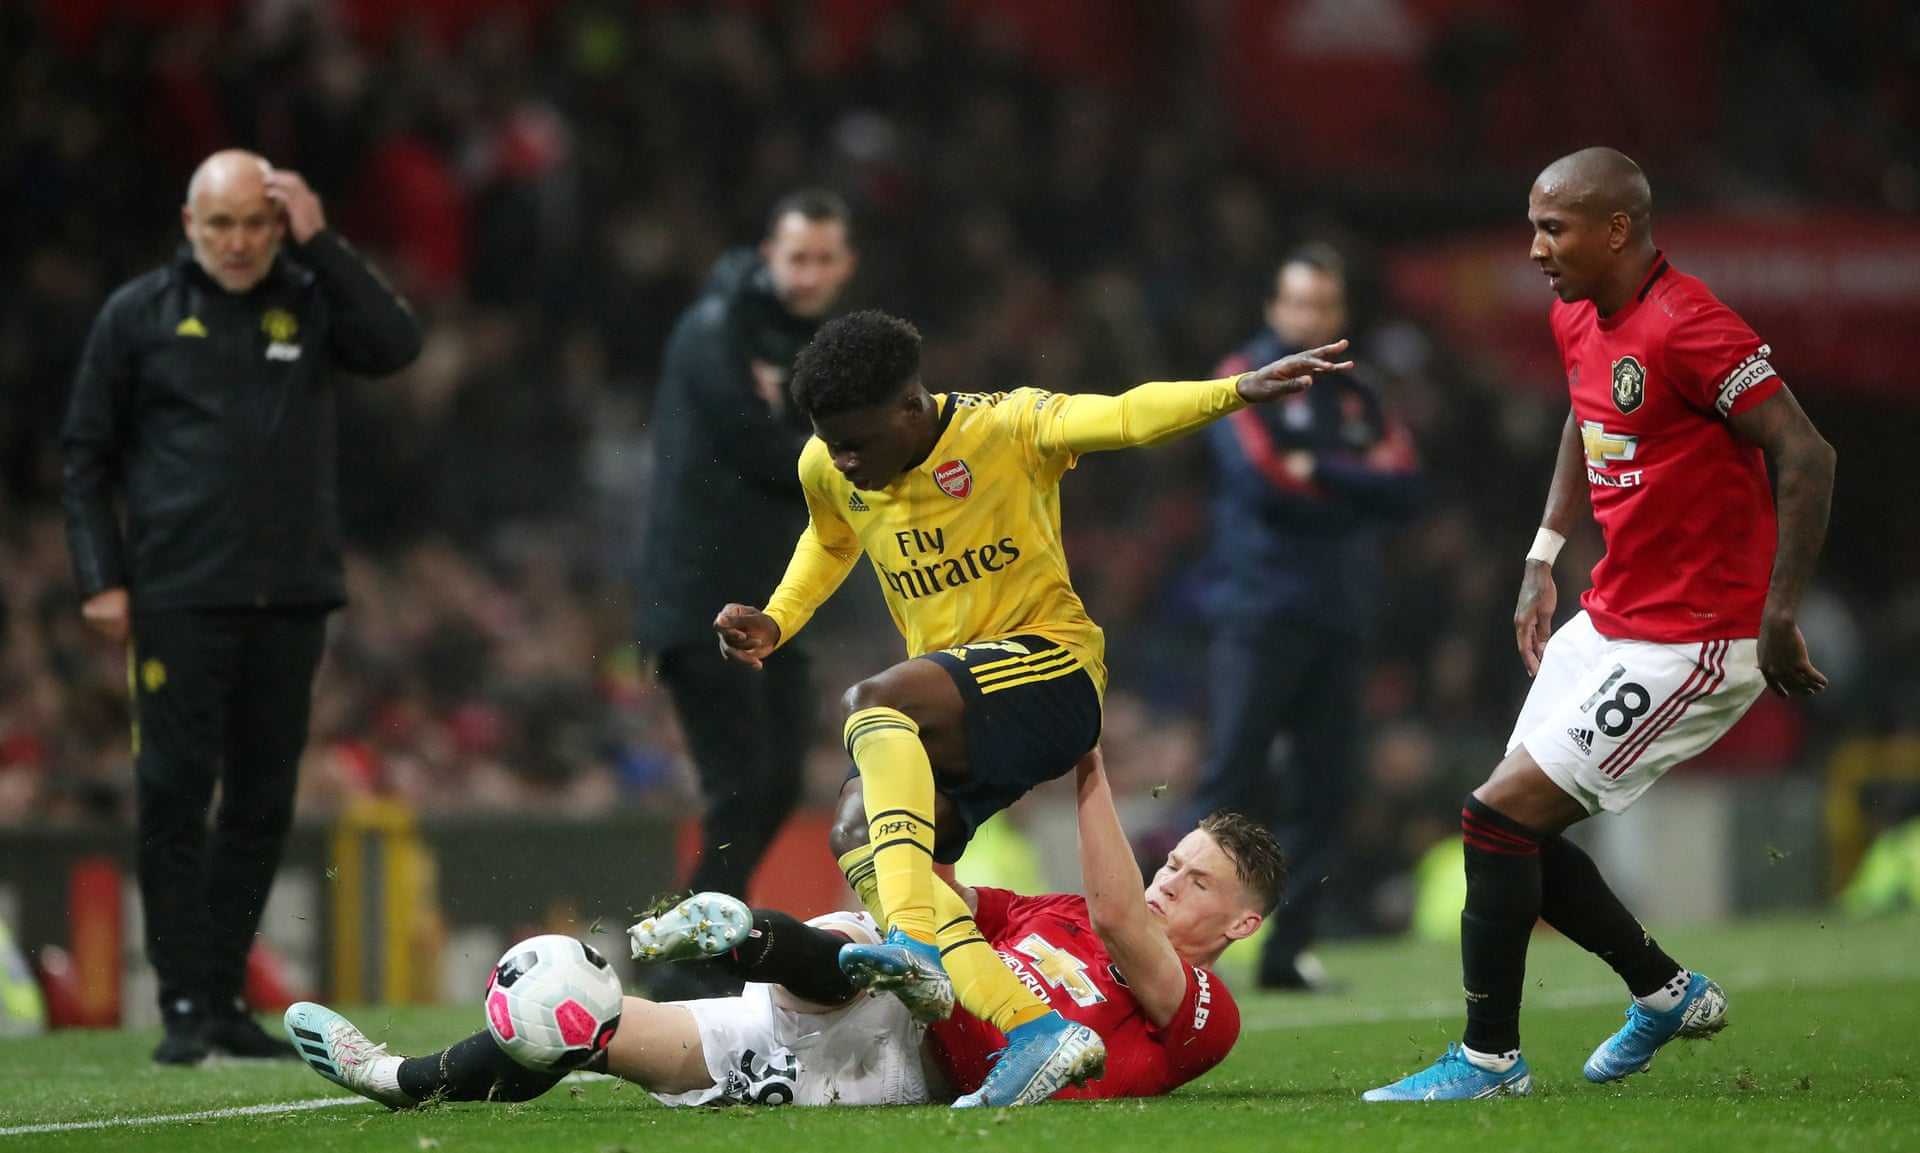 Man Utd và Arsenal chia điểm tại Old Trafford